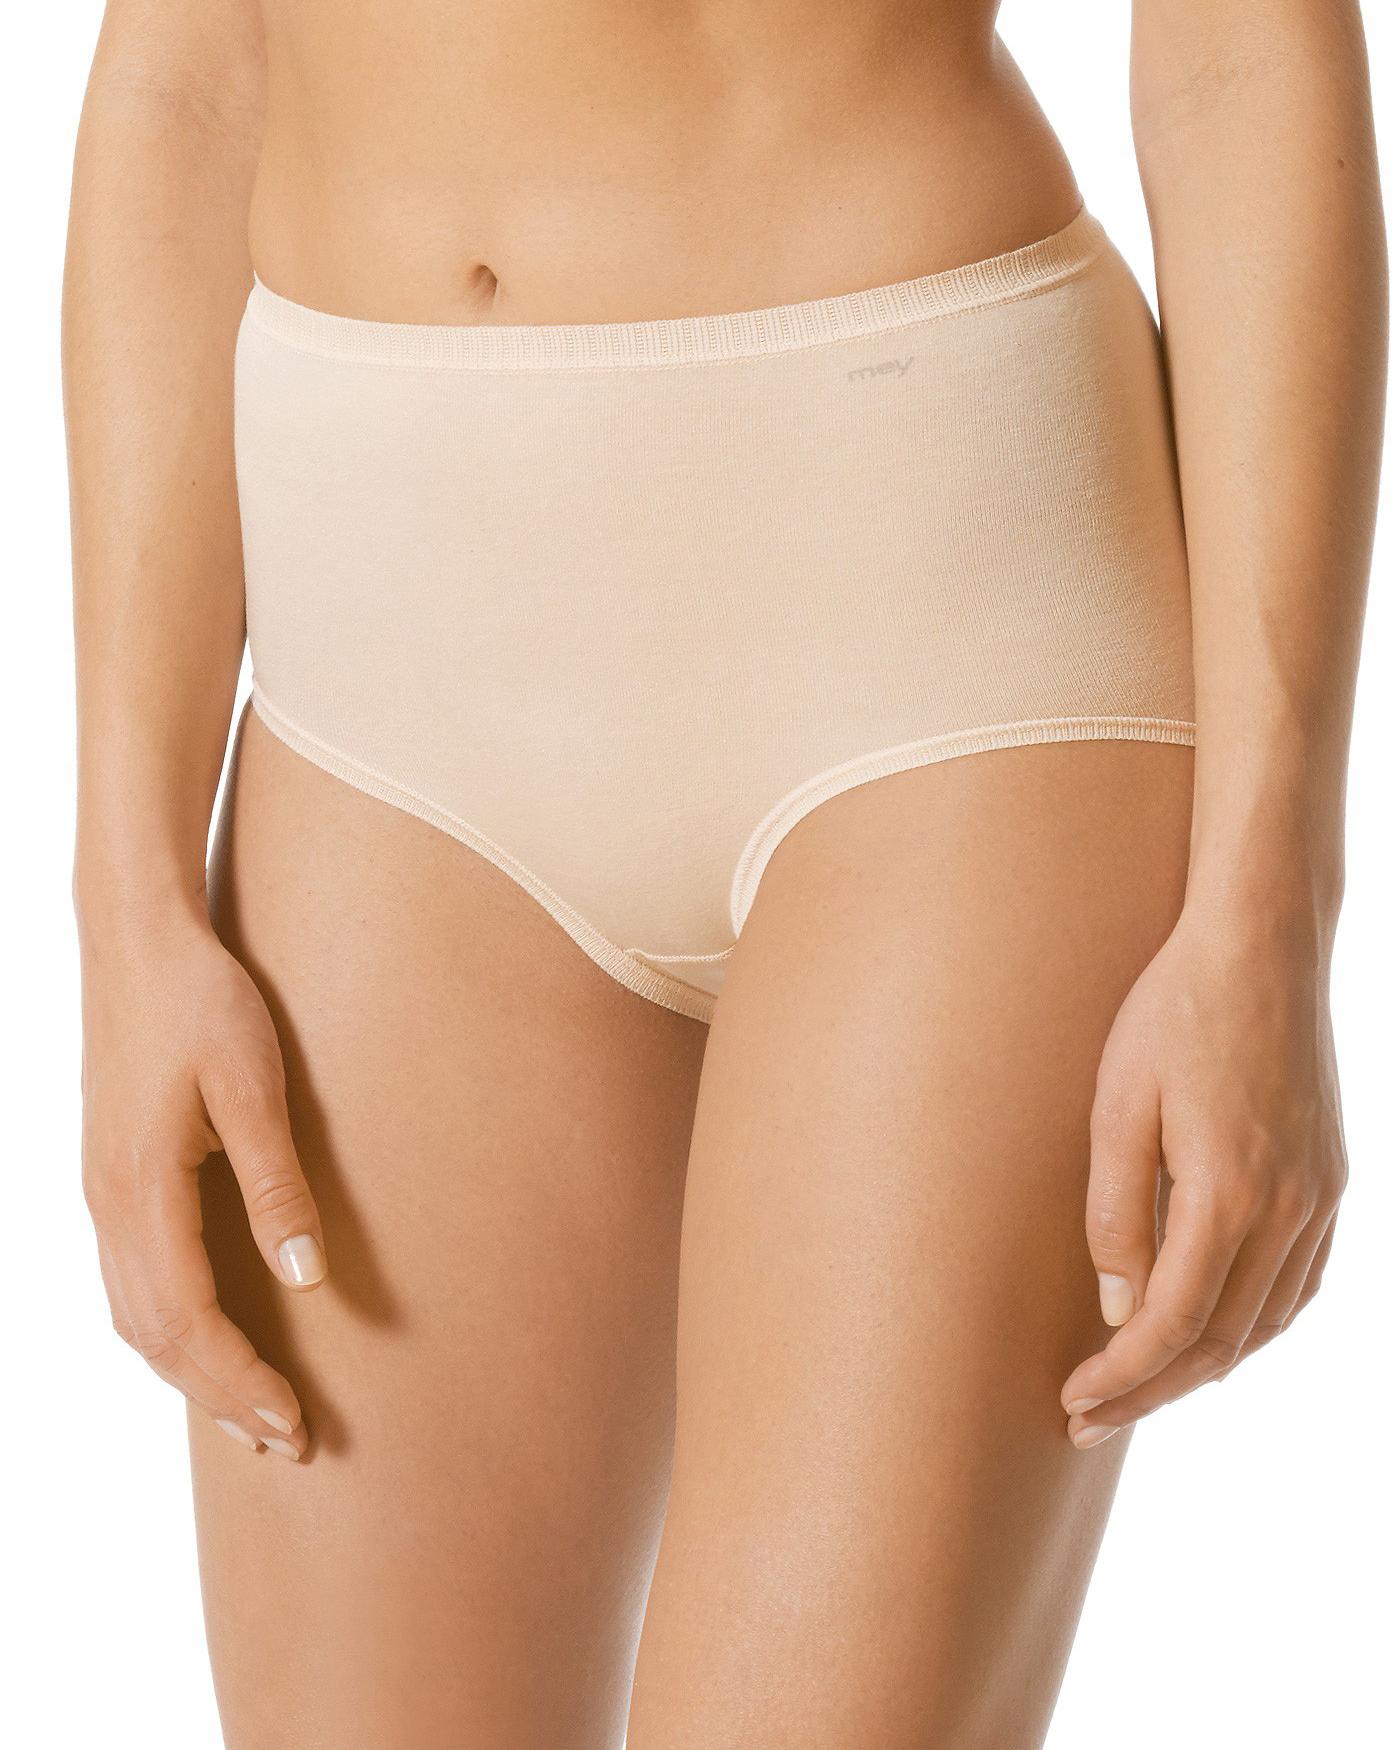 Mey Only Lycra Hight Waist Pants (Nude) 2XL-18 фото